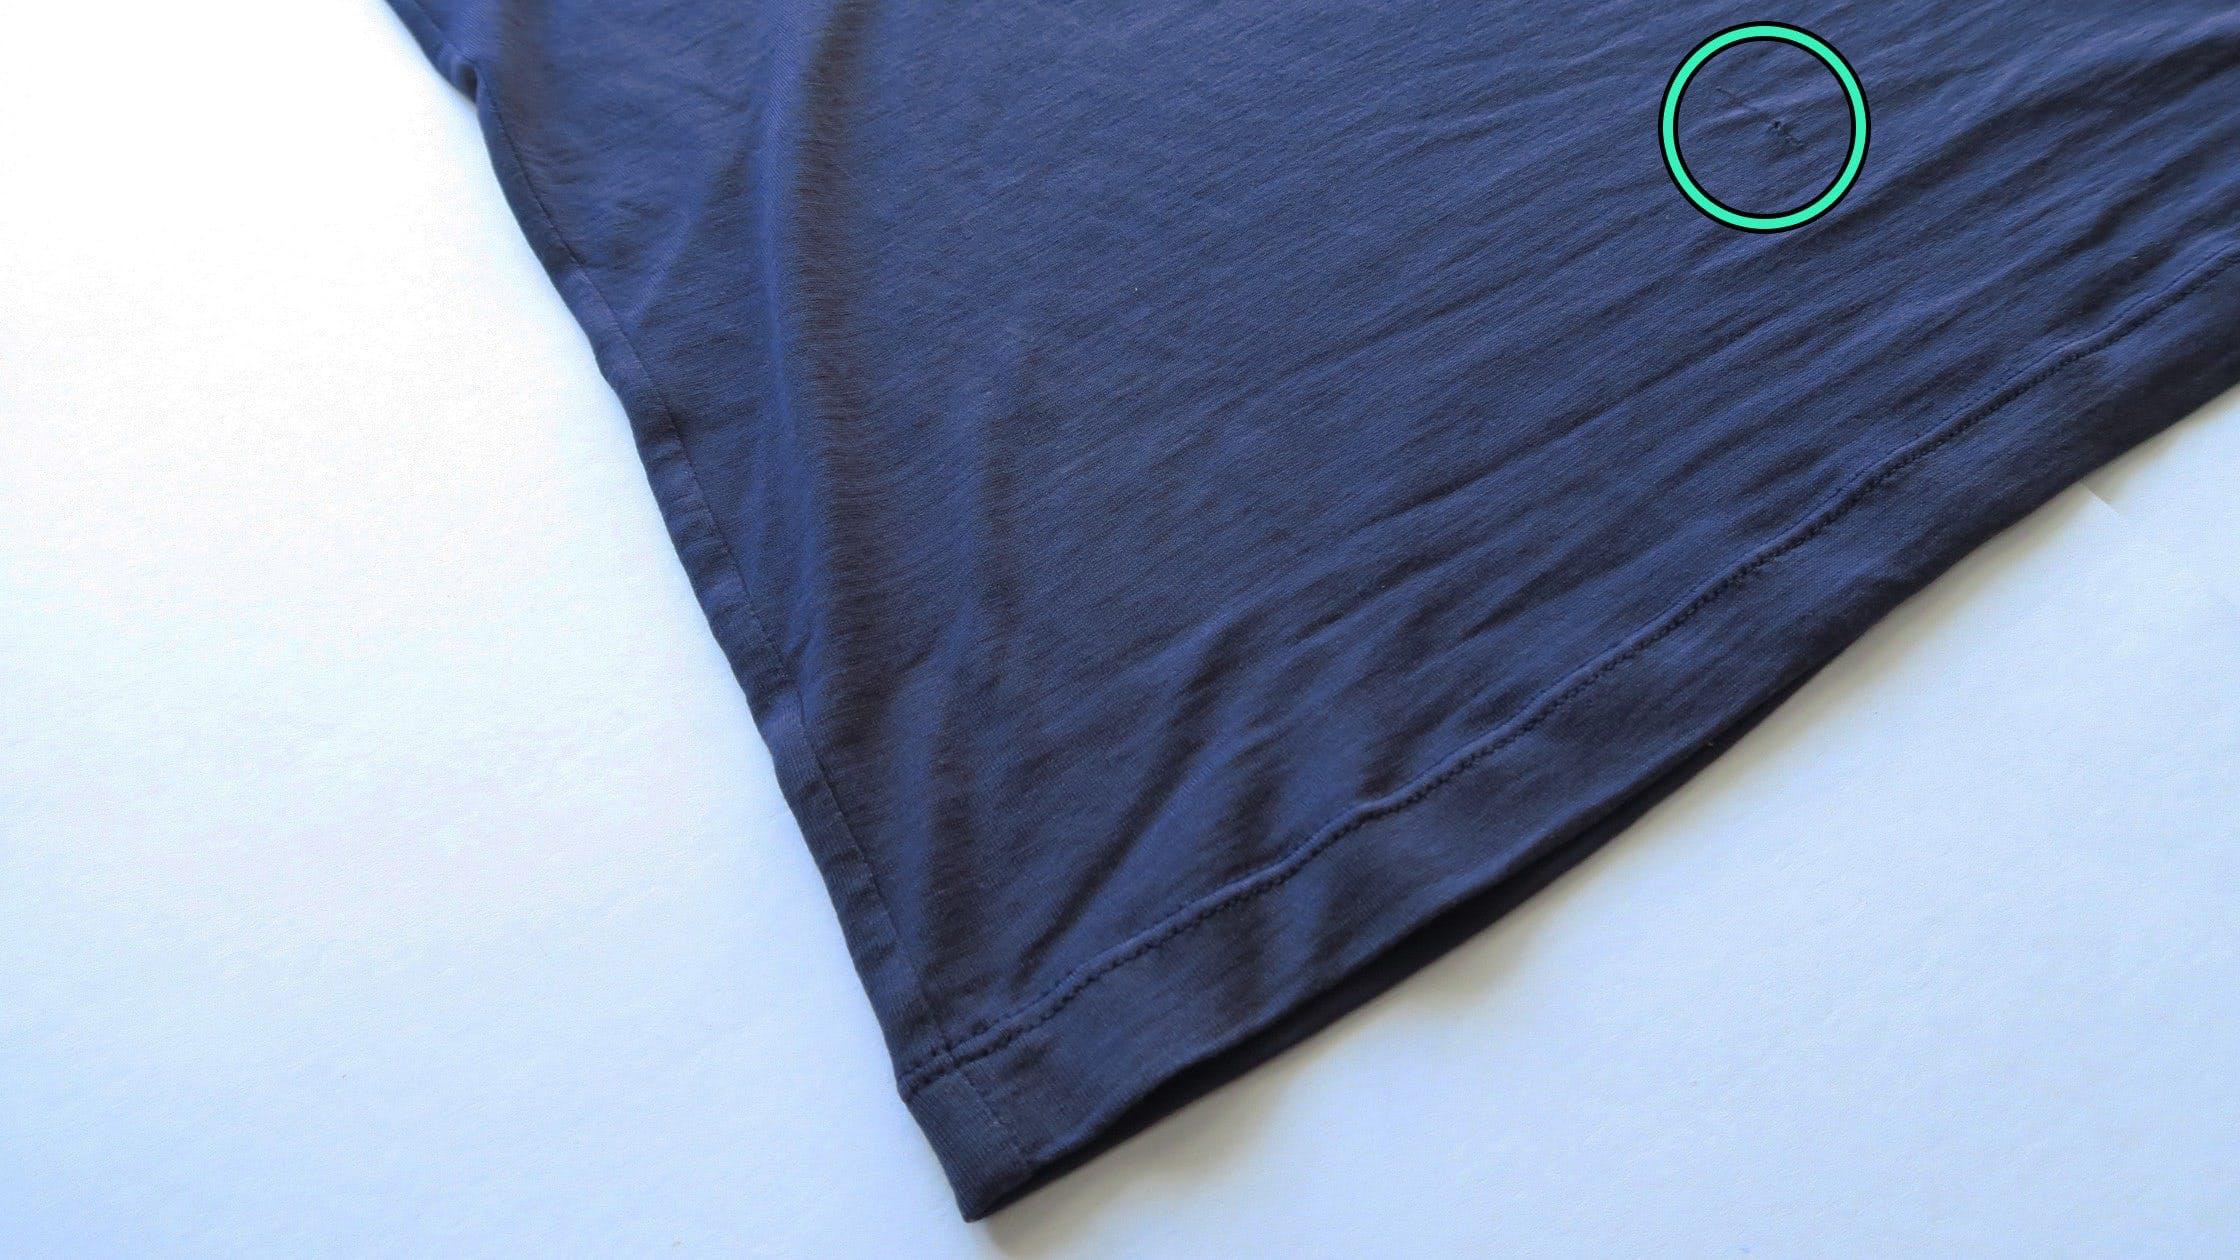 Outlier Ultrafine Merino T-Shirt Belt Hole